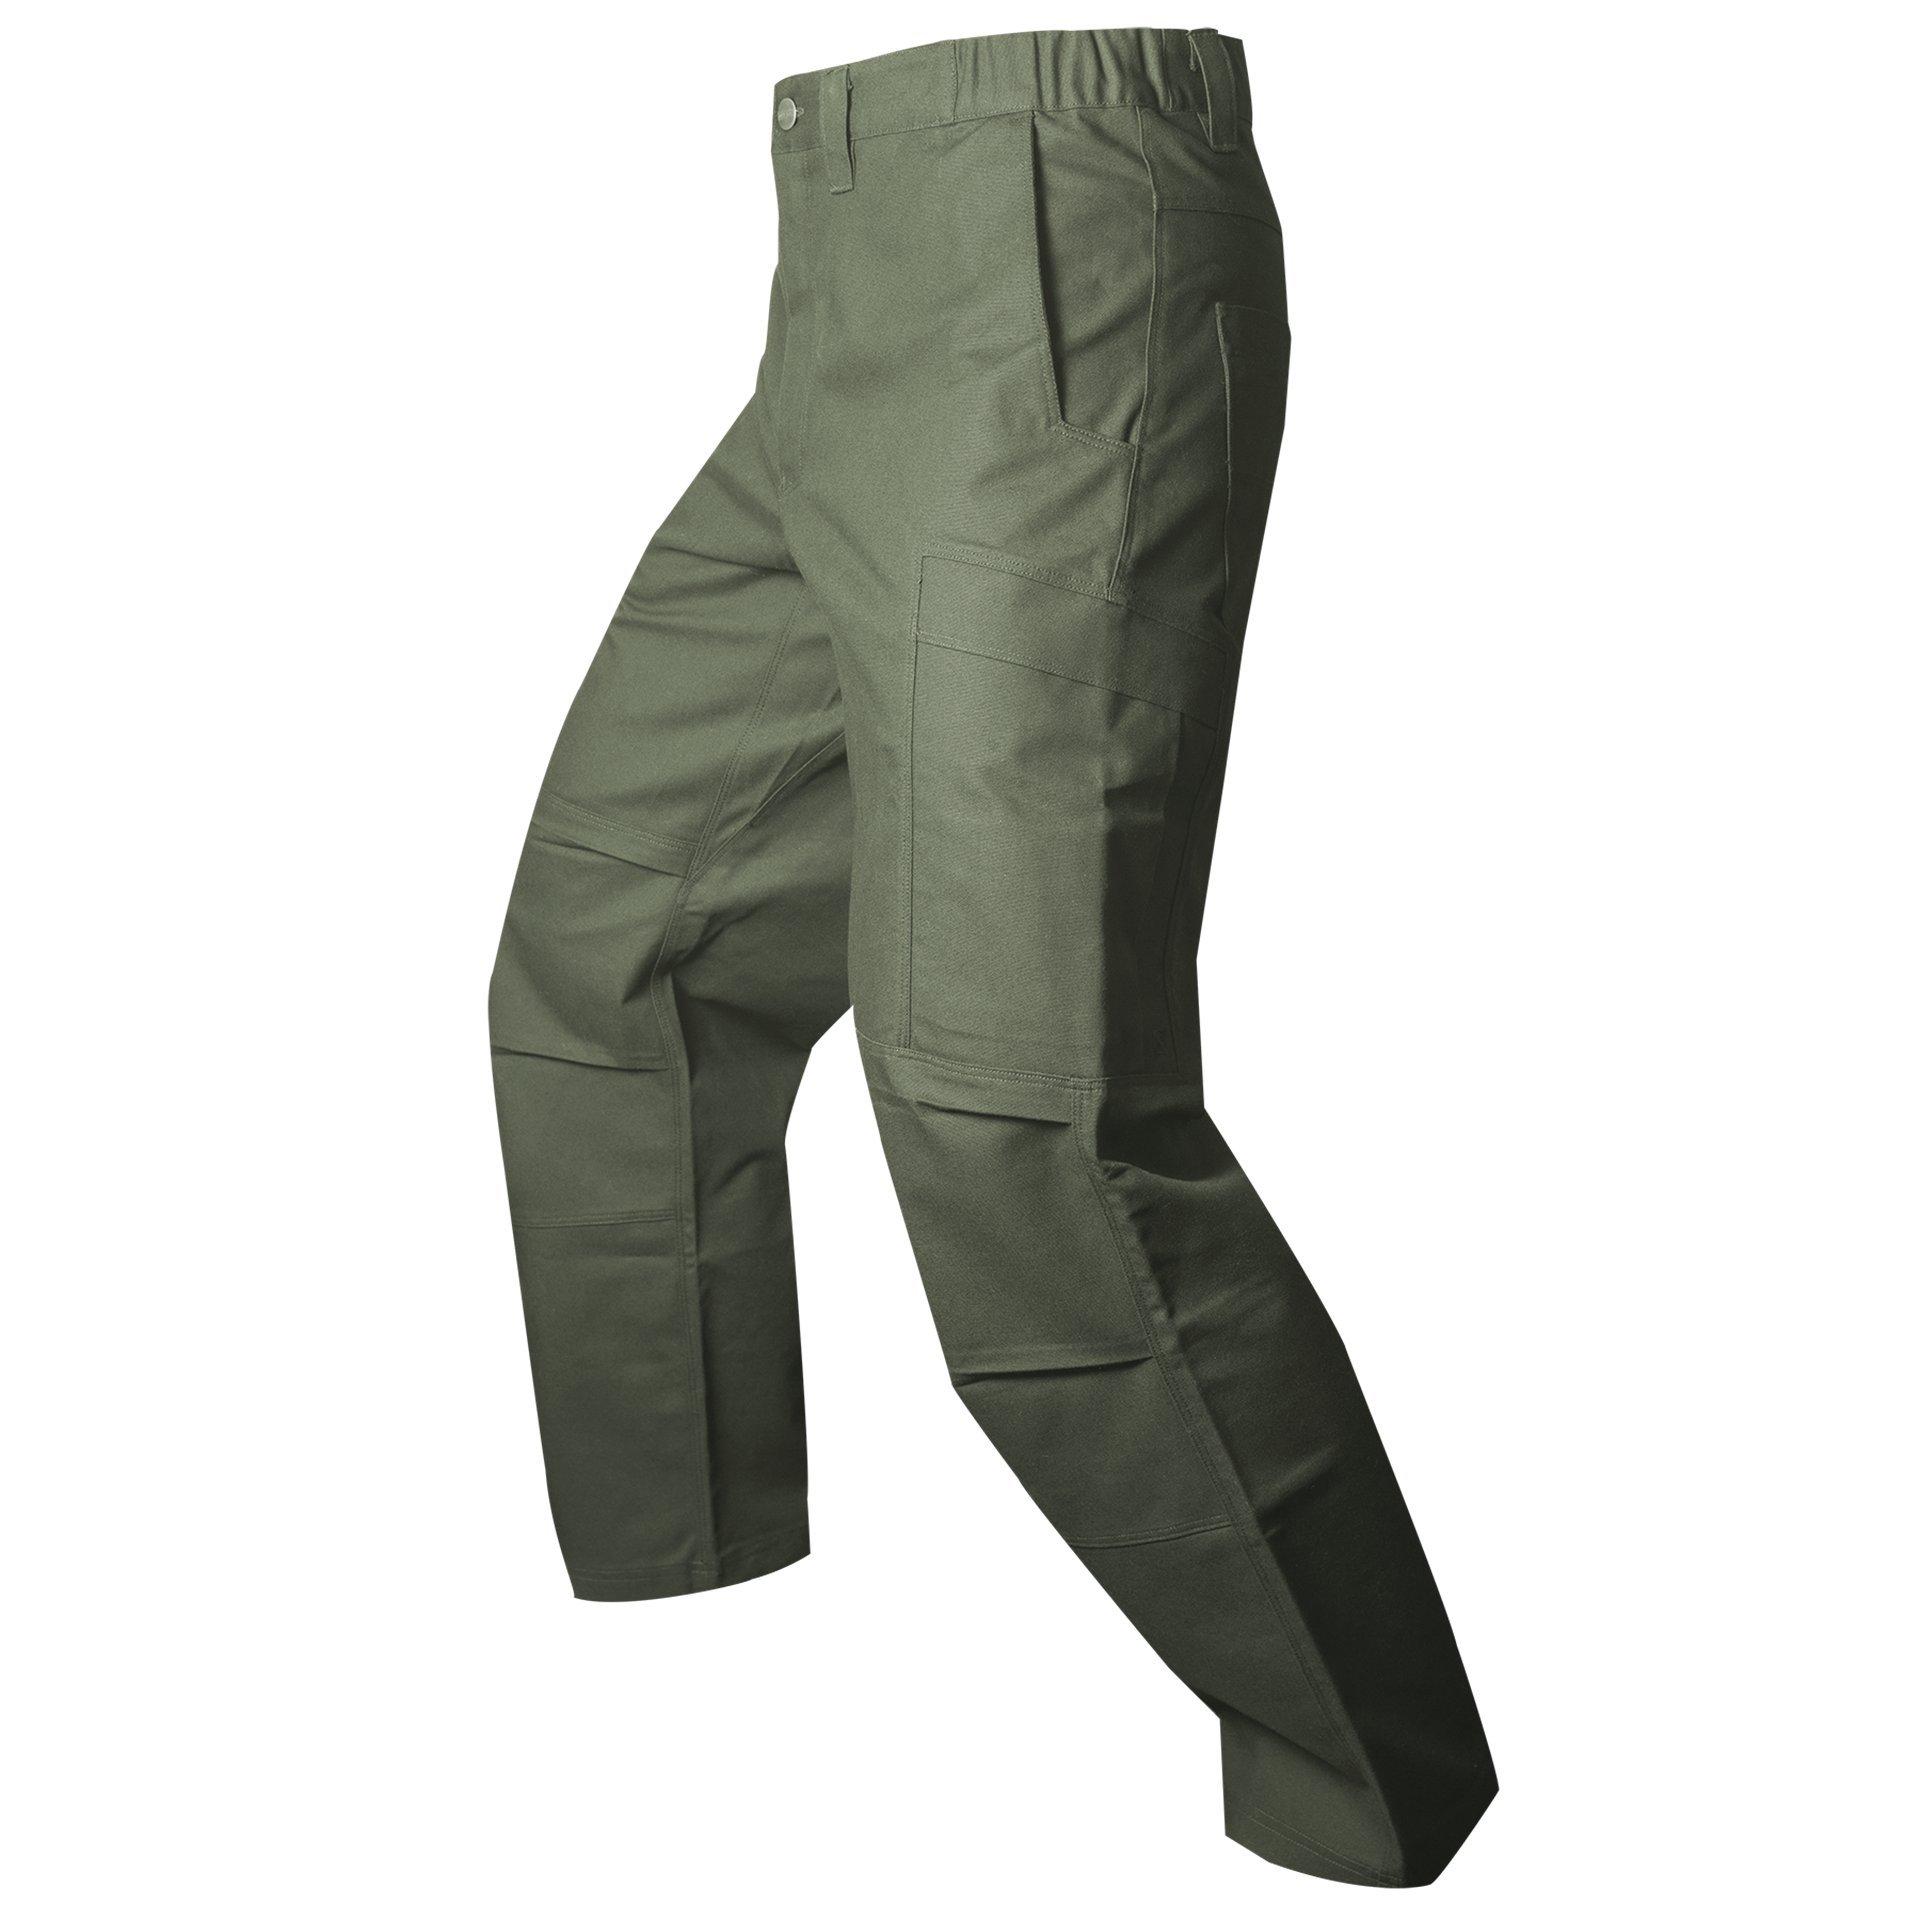 Vertx Men's Original Tactical Pants, Olive Drab Green, 32-36